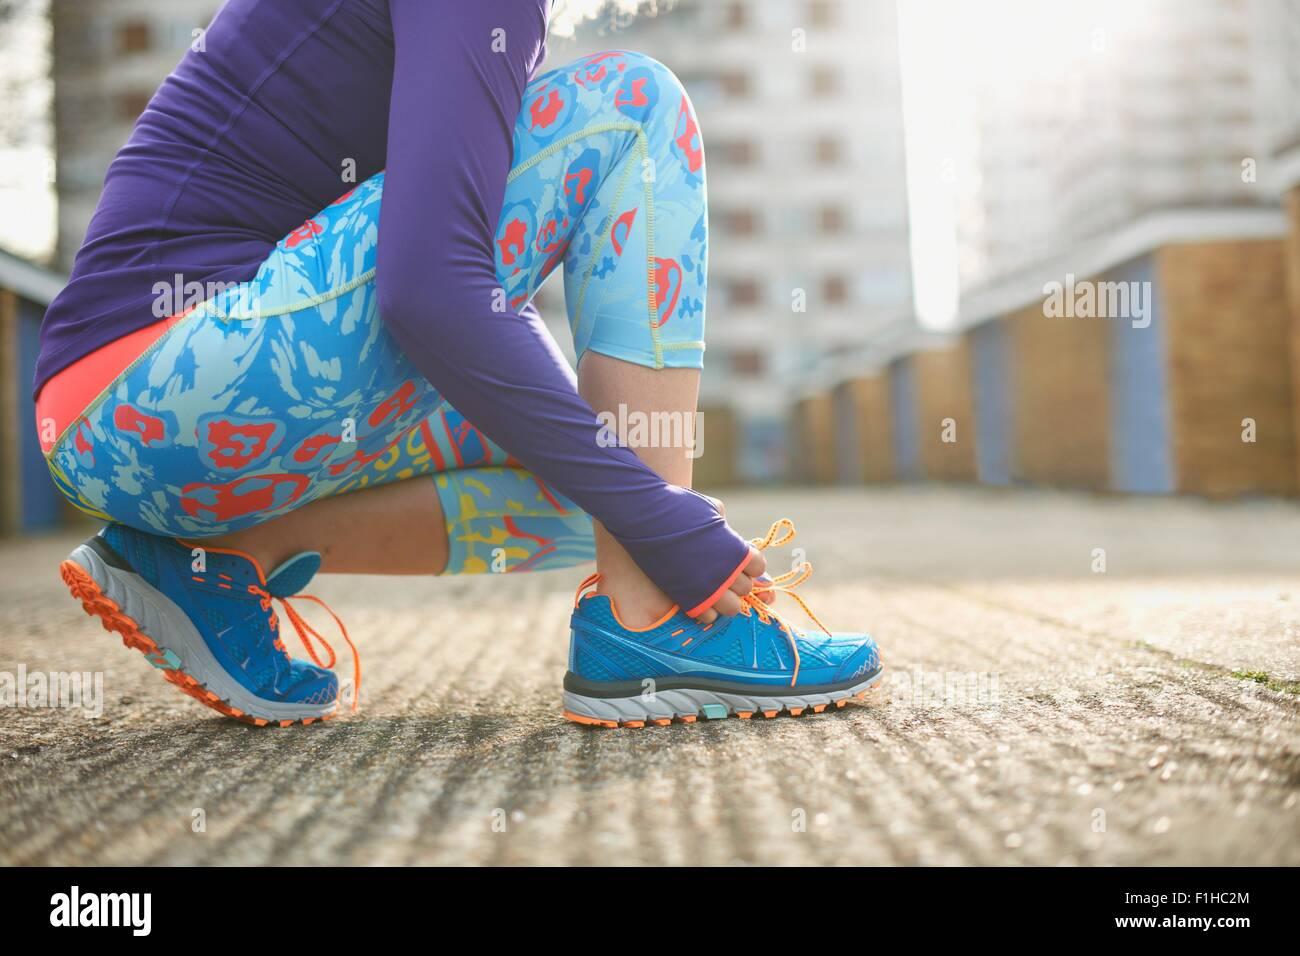 Vista recortada de mujer agacharse para atar las zapatillas de entrenamiento deportivo puntilla Imagen De Stock